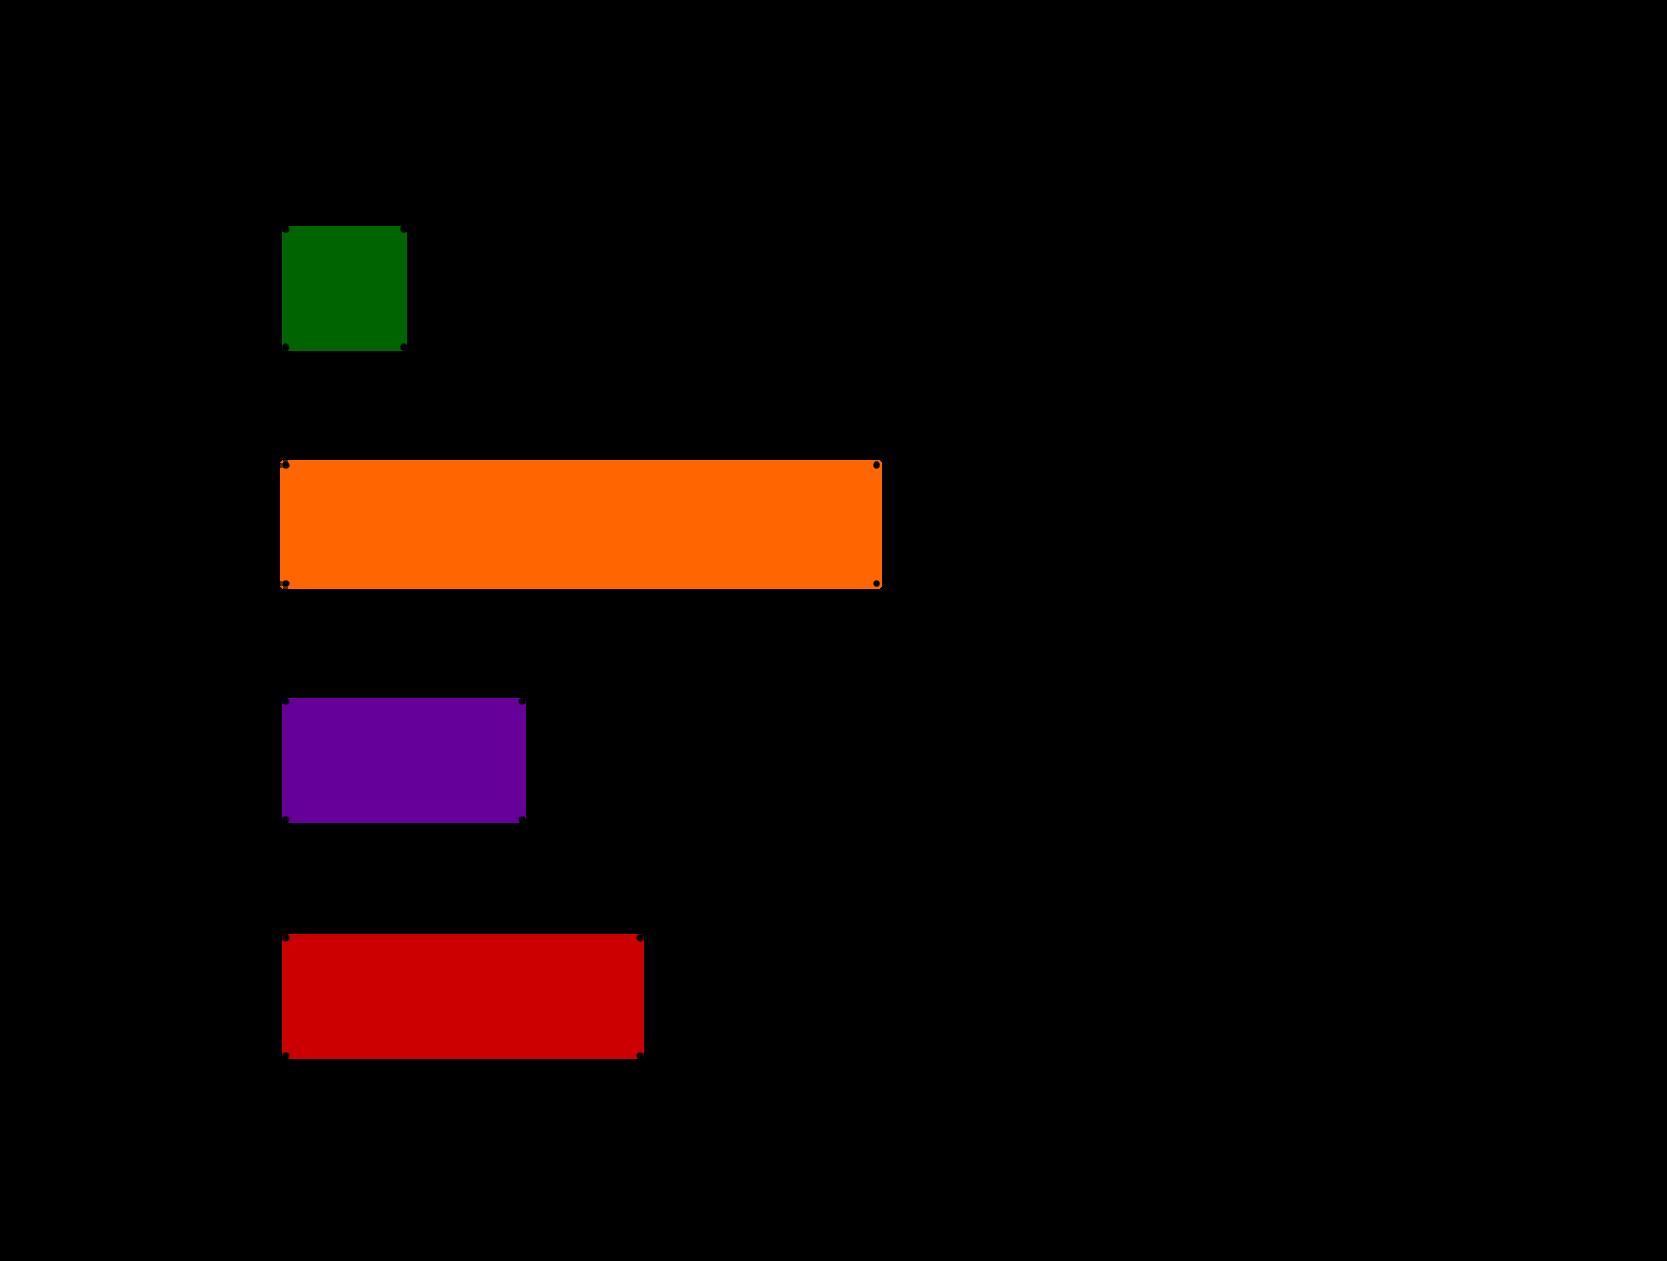 · Bitte beachte jedoch bei der Meldung eines Fehlers ein paar Grundsätze, die es einfacher machen, den Fehler zu analysieren. Prüfe, ob Du die aktuelle Version von Portfolio Performance einsetzt. Wenn nicht, prüfe bitte, ob der Fehler auch in der aktuellen Version auftritt.